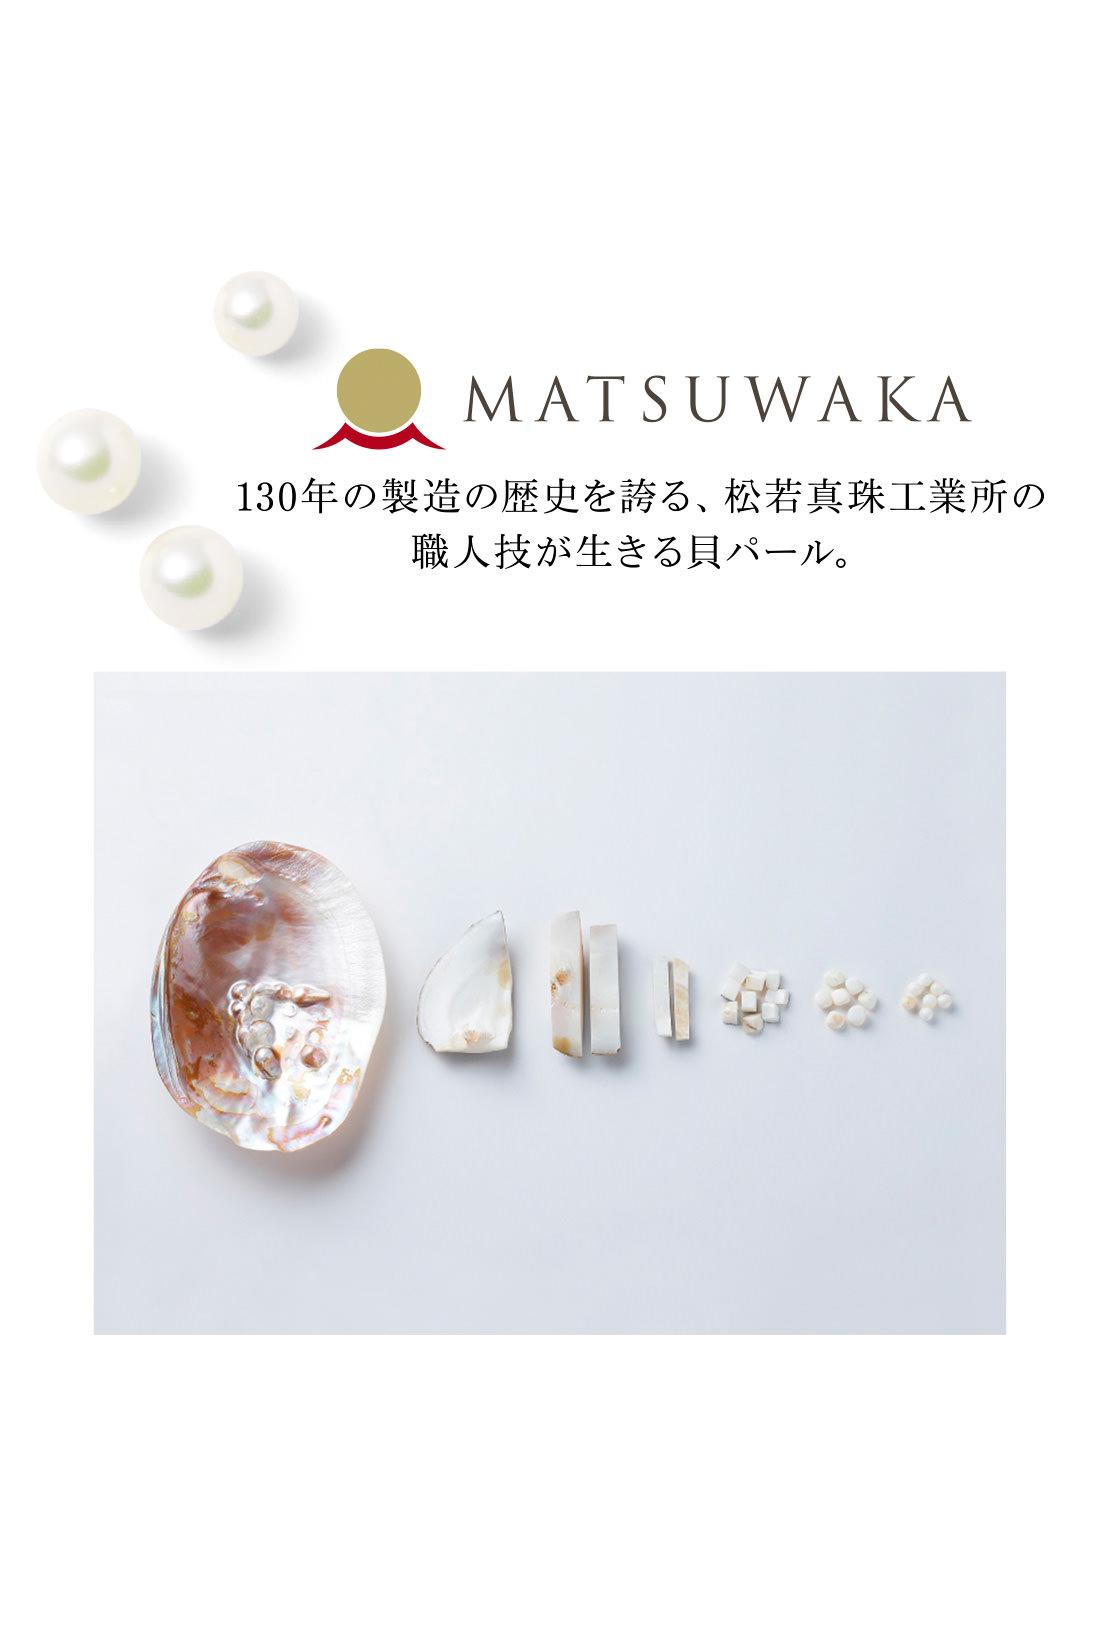 ■貝パールとは 貝を丸く削り出して、パール塗料で仕上げた人工真珠の一種。天然素材の上品な佇(たたず)まいが特長です。